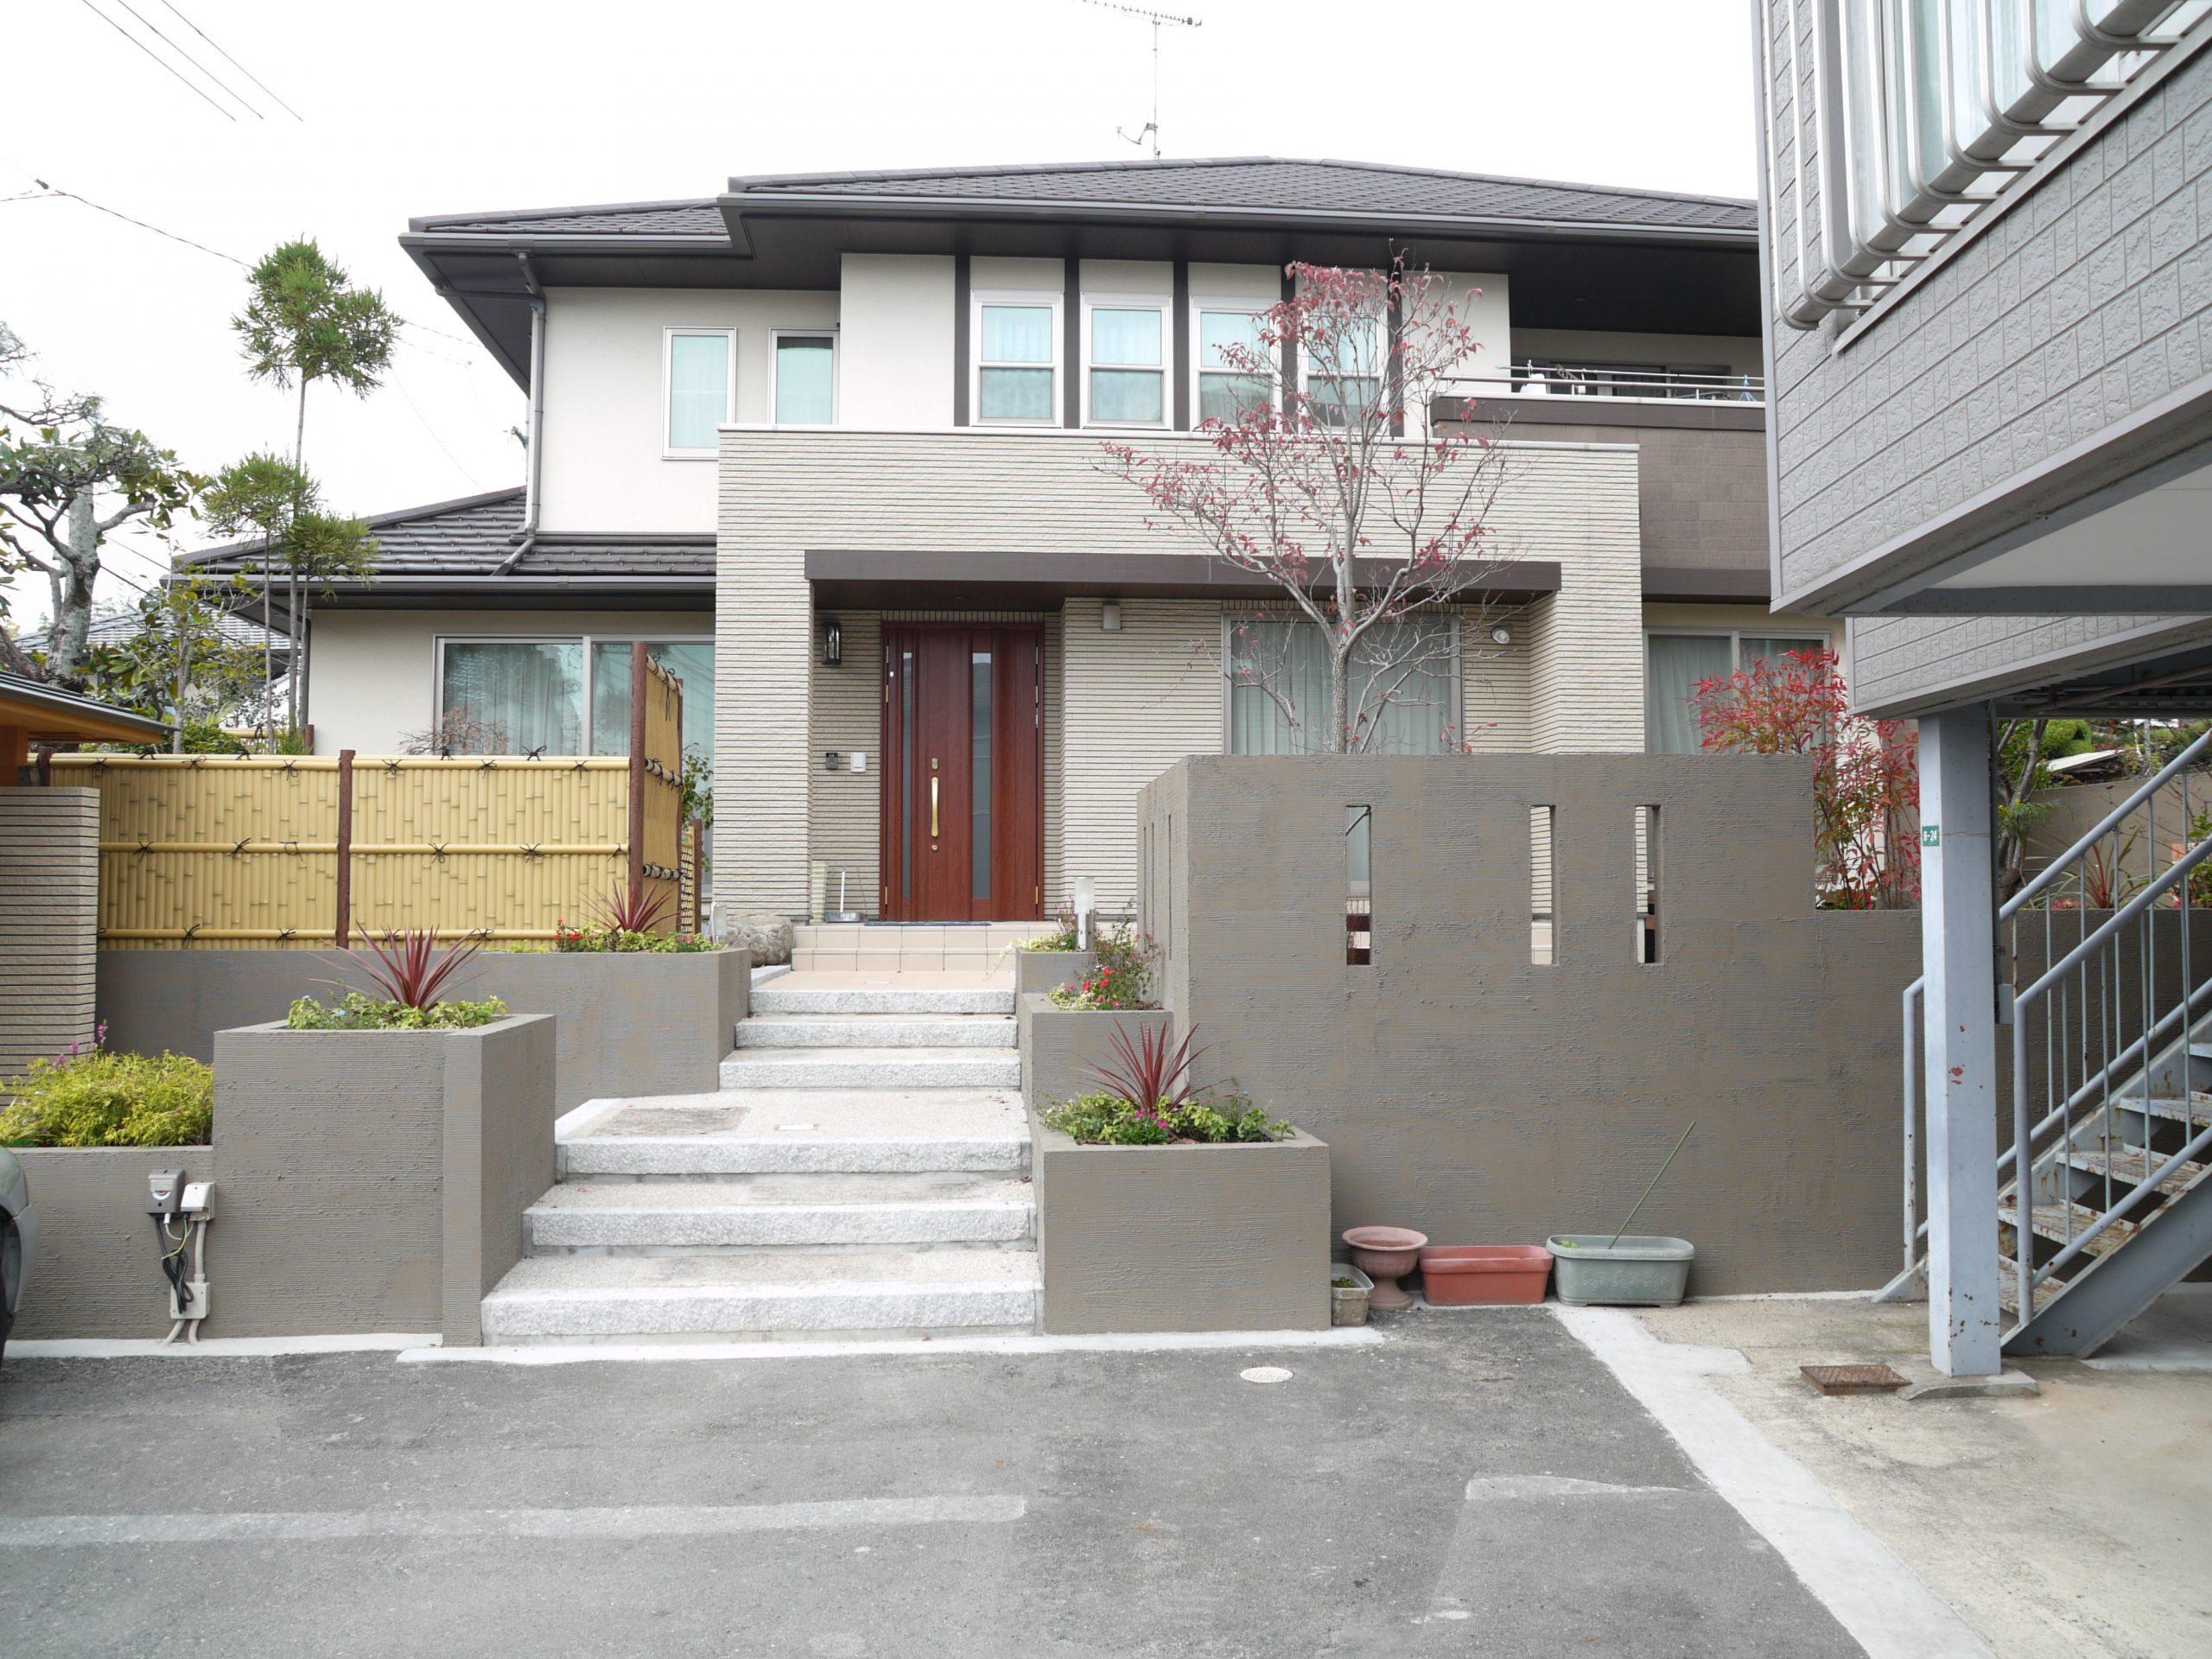 福山市 Y様邸の写真2